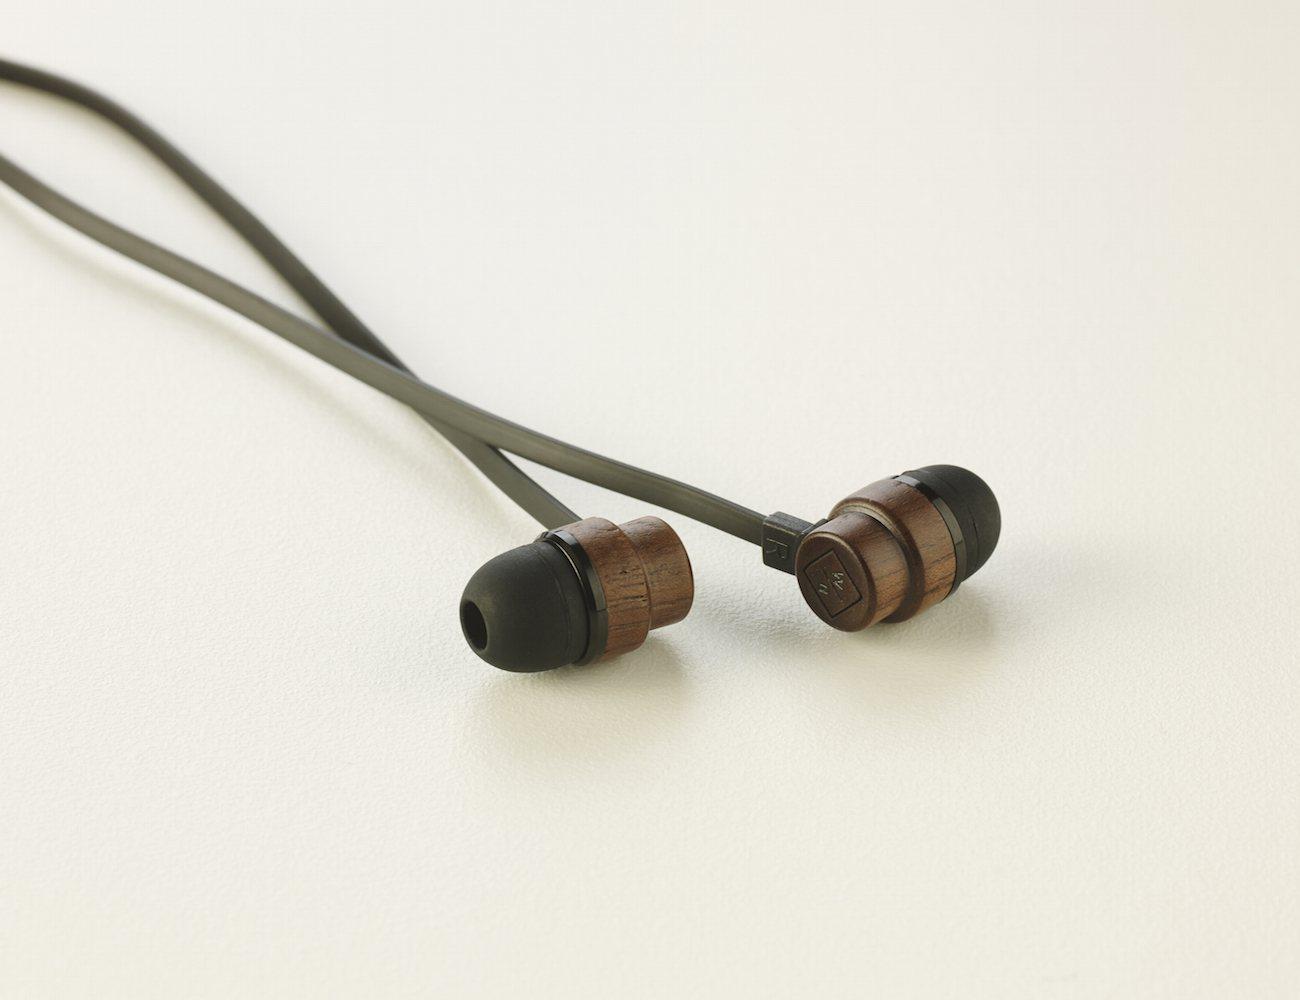 Woodbuds+In-Ear+Headphones